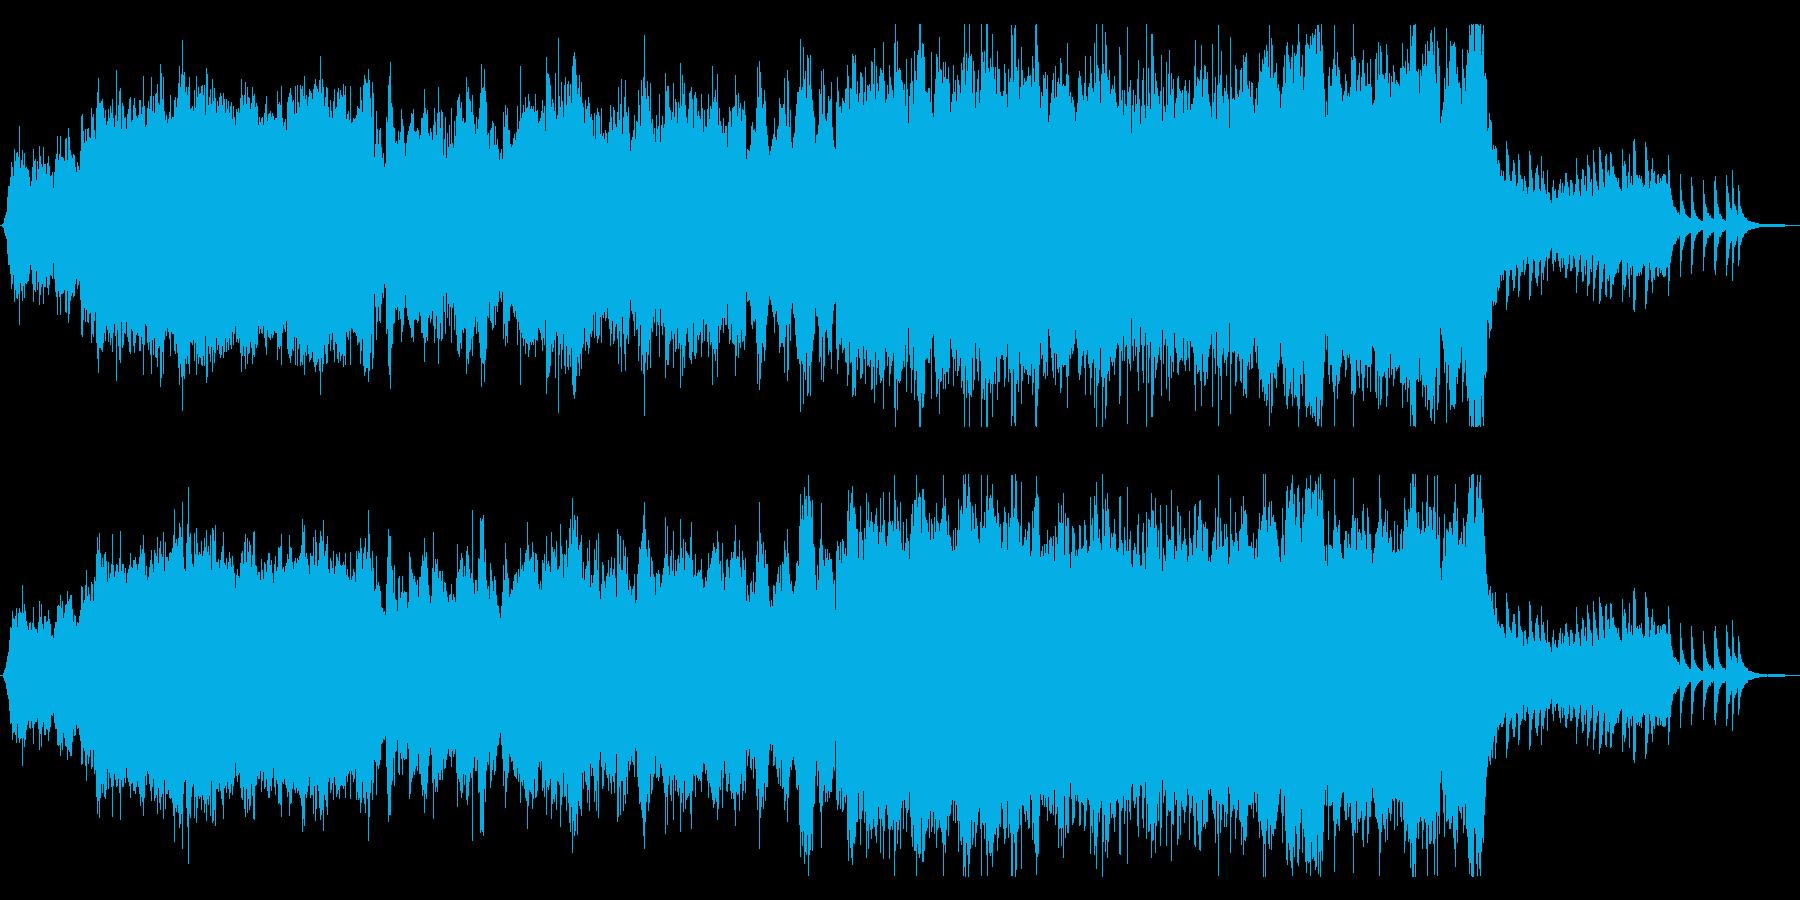 和風ホラー/お化け屋敷/恐ろしい伝承の再生済みの波形